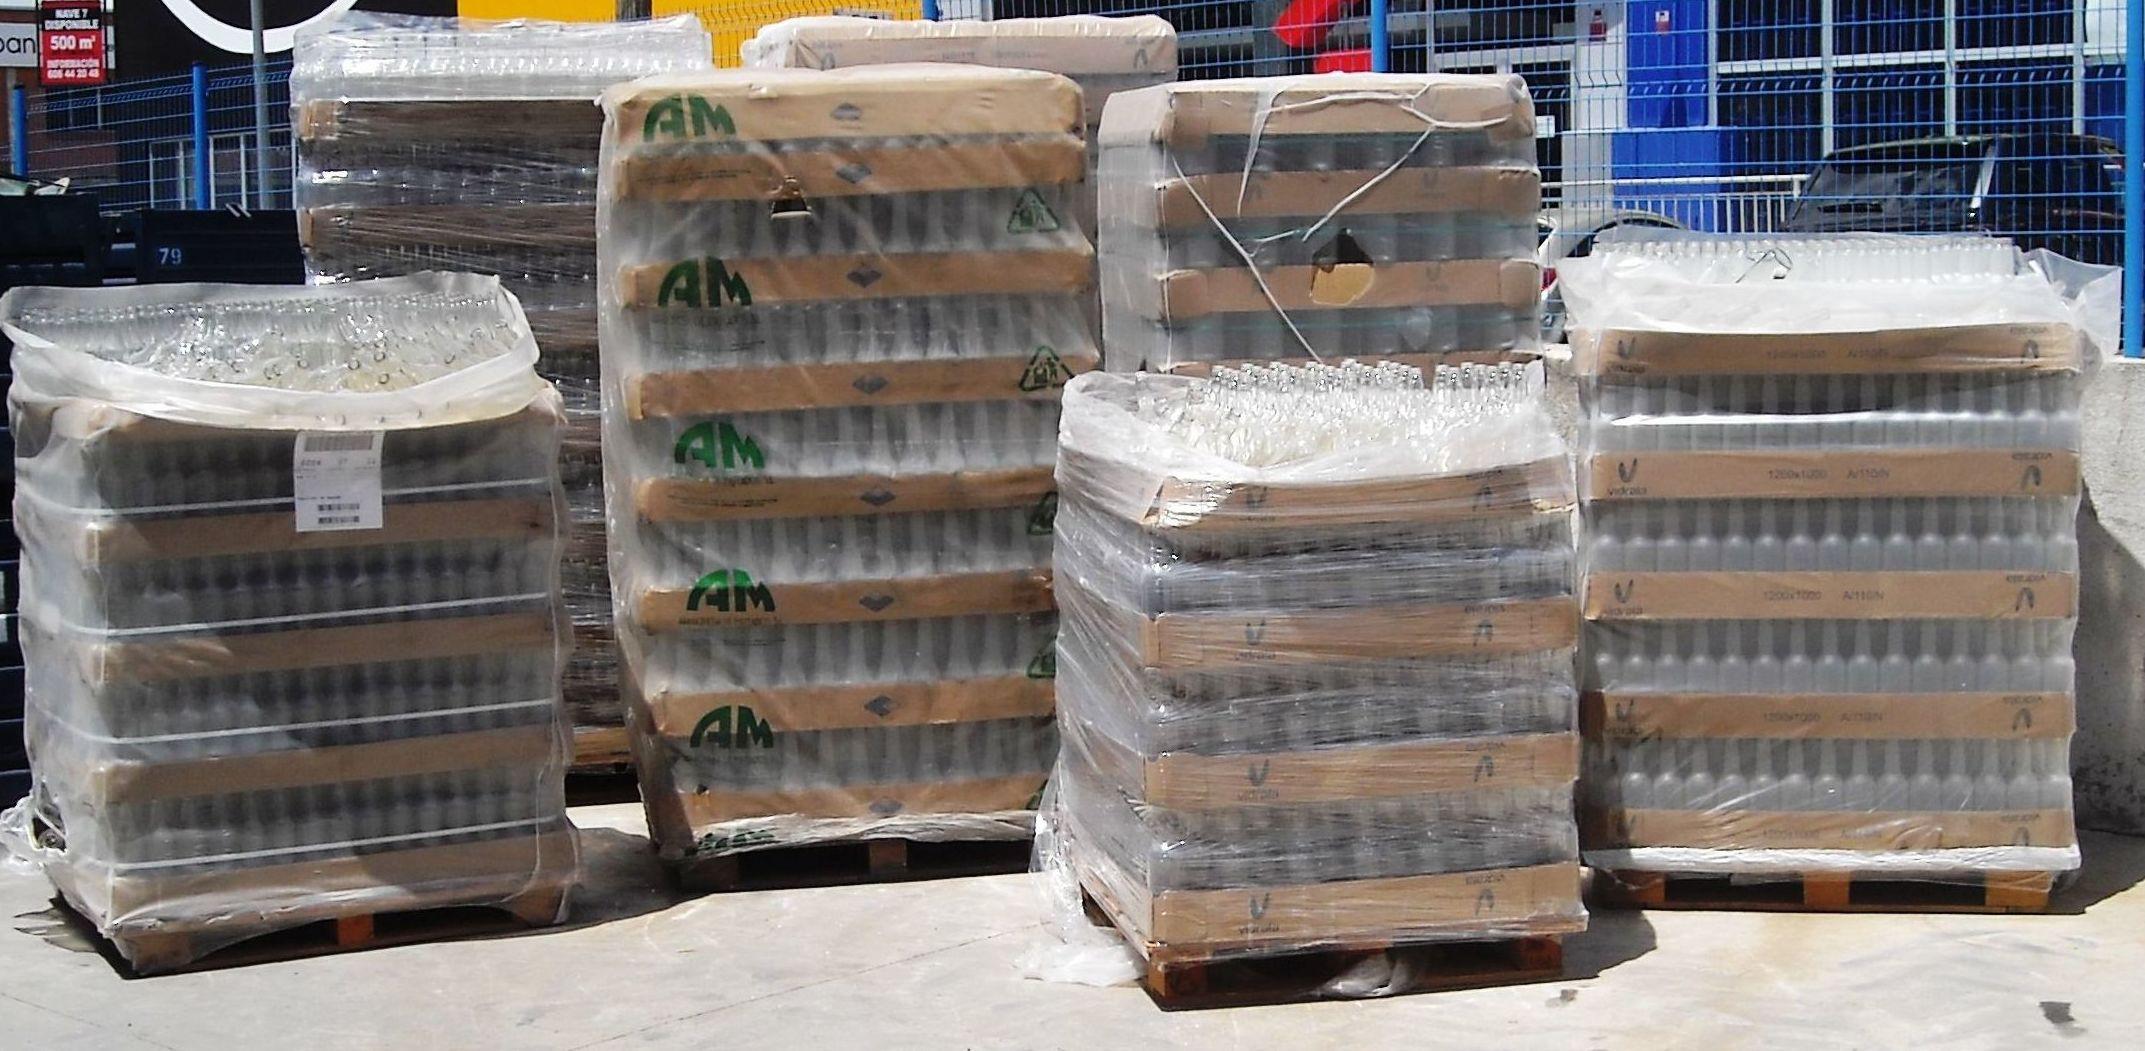 Recogida de envases paletizados